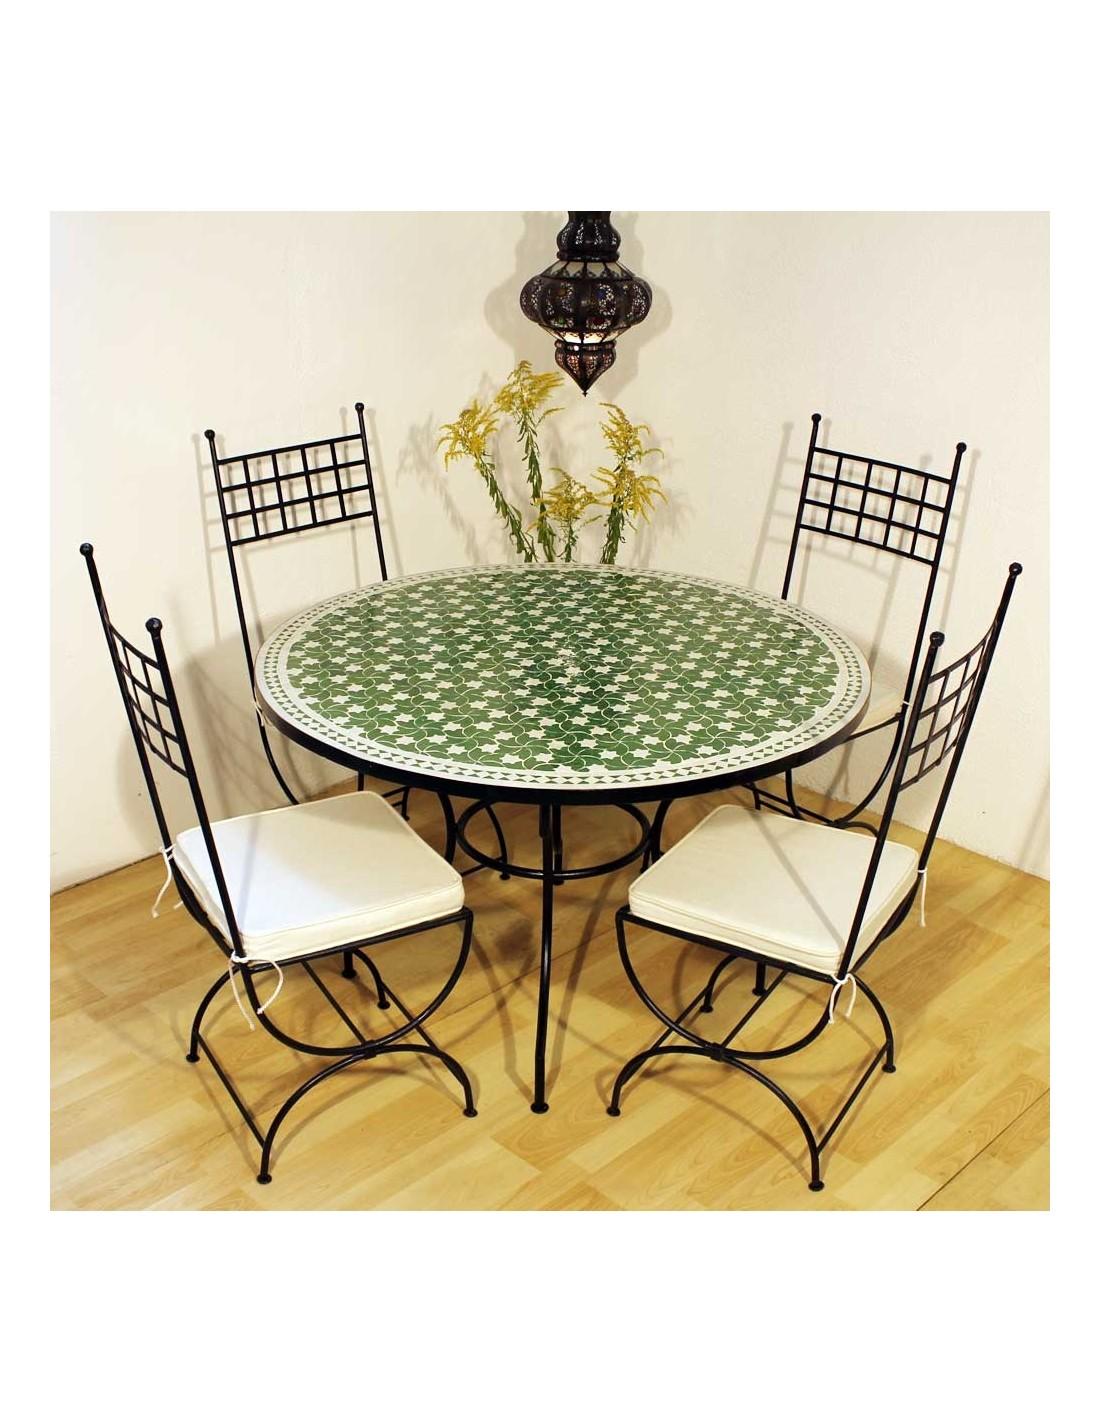 mosaiktisch maar gr n 120cm rund aus marokko. Black Bedroom Furniture Sets. Home Design Ideas